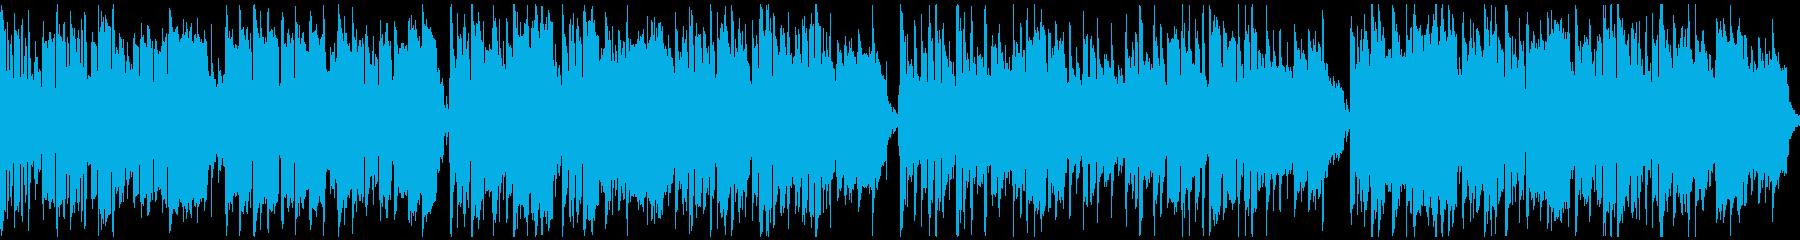 子供の冒険っぽいリコーダー曲 ※ループ版の再生済みの波形